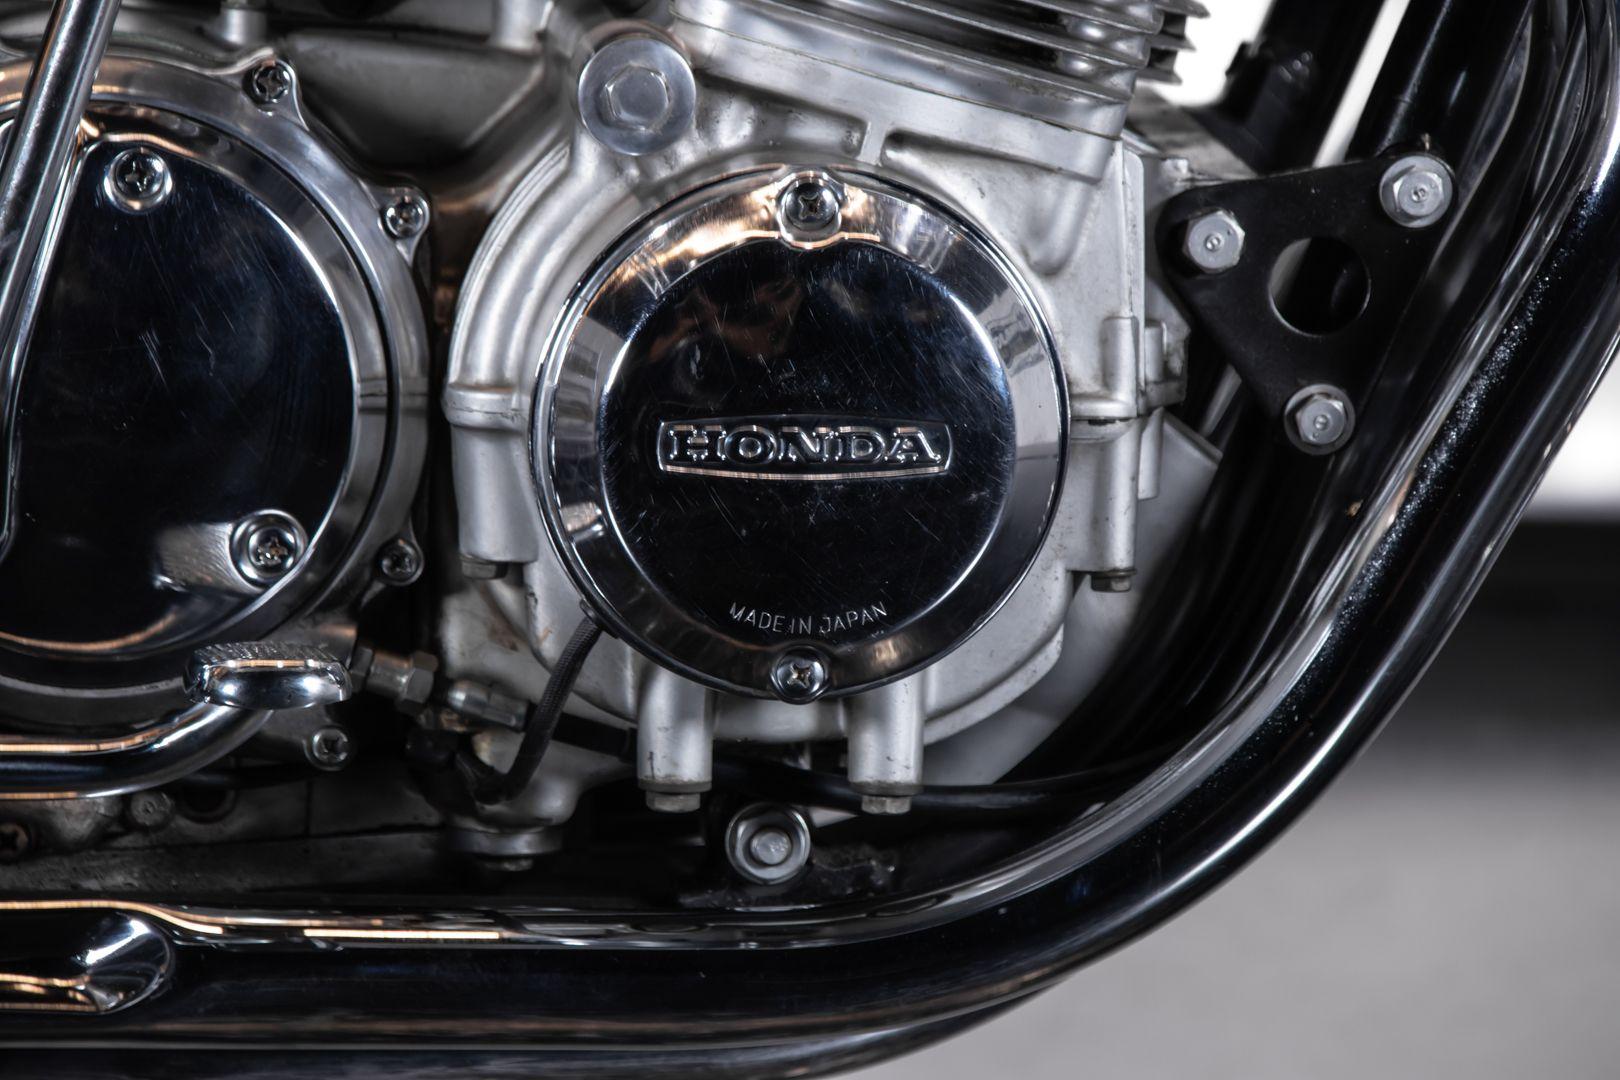 1973 Honda CB 750 Four 74184